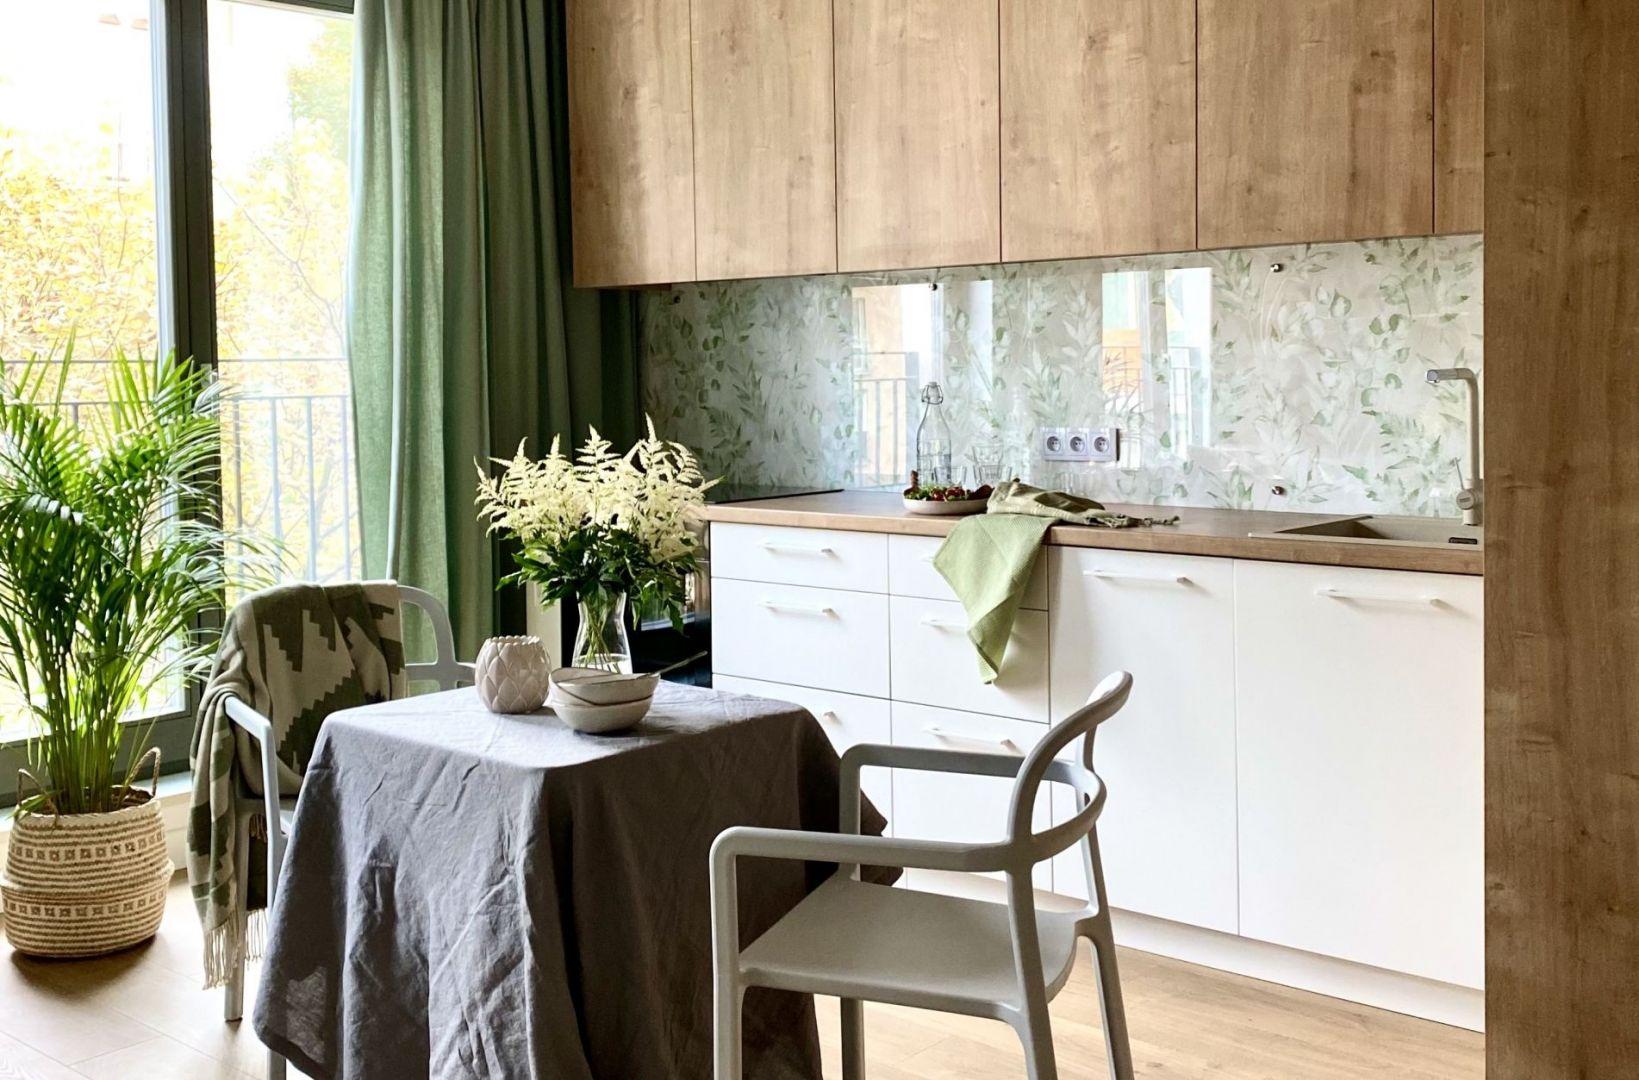 Kuchnia otwarta na salon. Projekt Zuzanna Kuc, pracownia ZU Projektuje